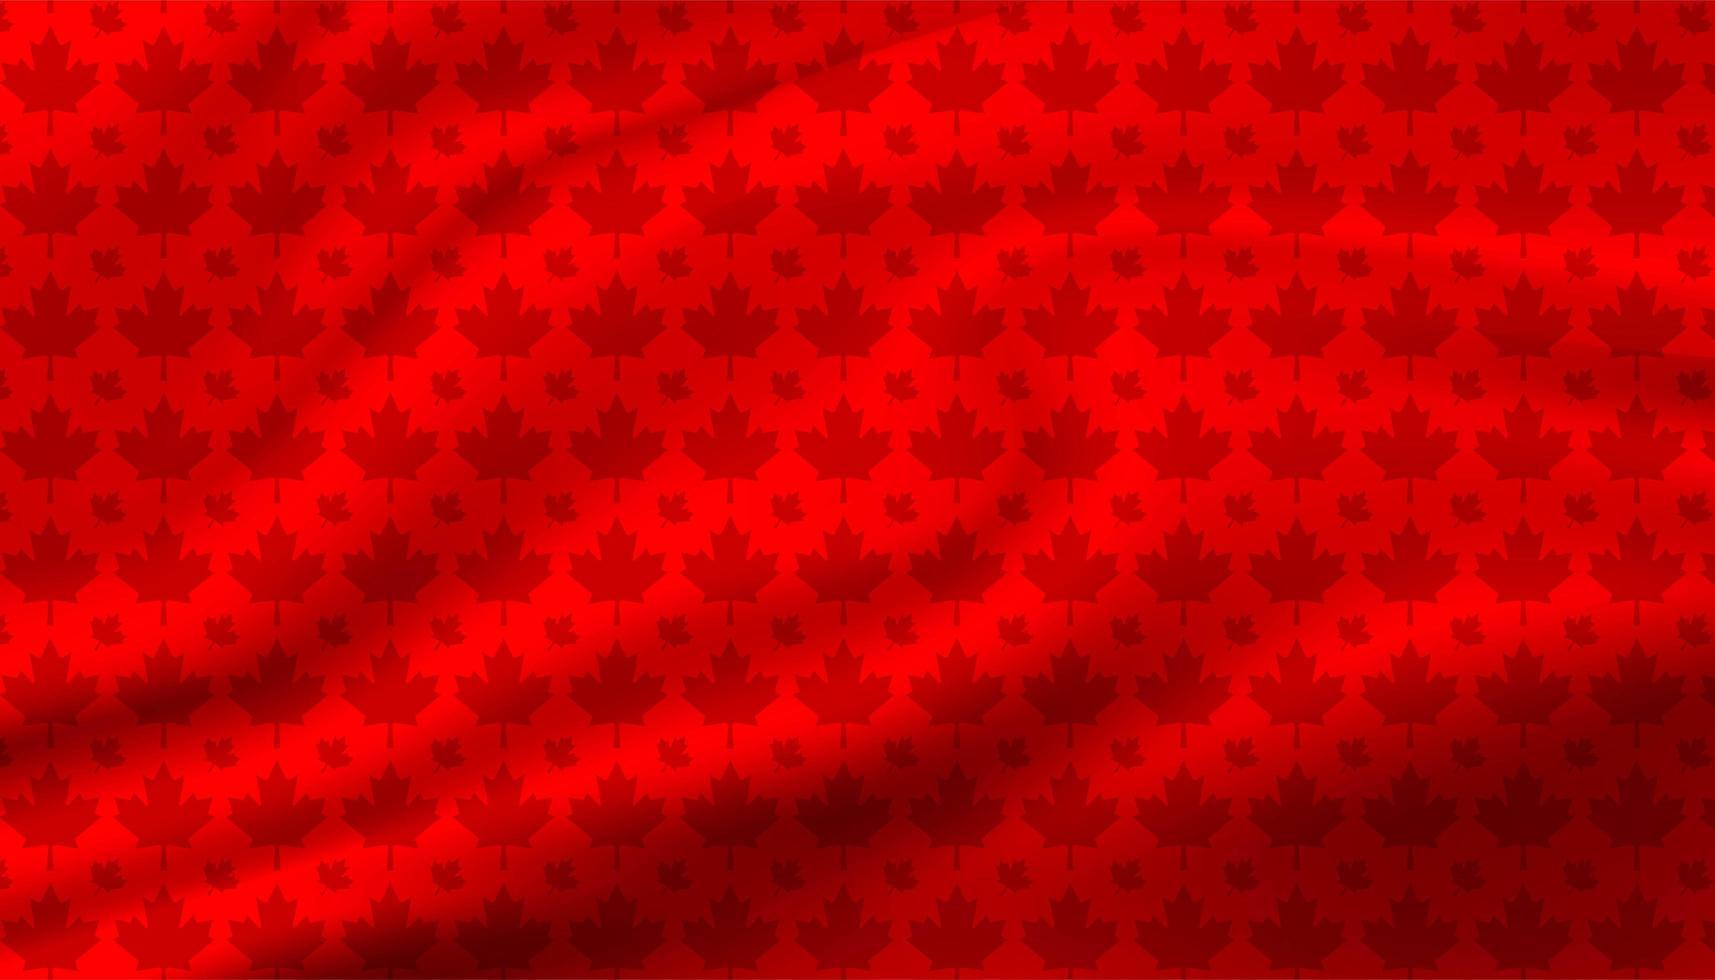 Kanada Ahornblatt Hintergrund vektor